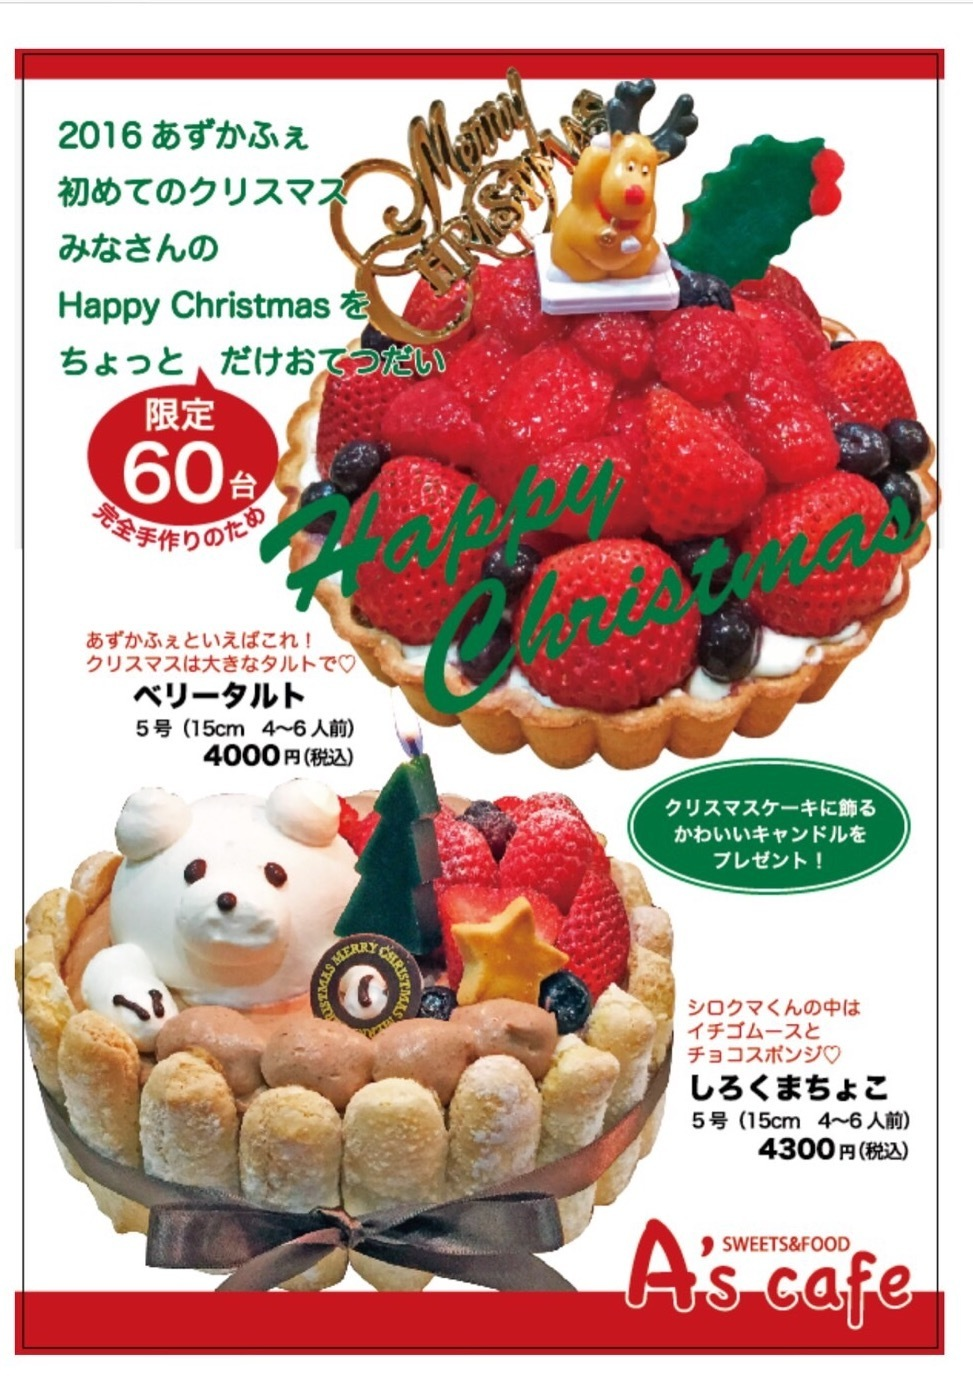 クリスマスケーキご予約お待ちしております♪残り台数30台です٩(๑❛ᴗ❛๑)۶